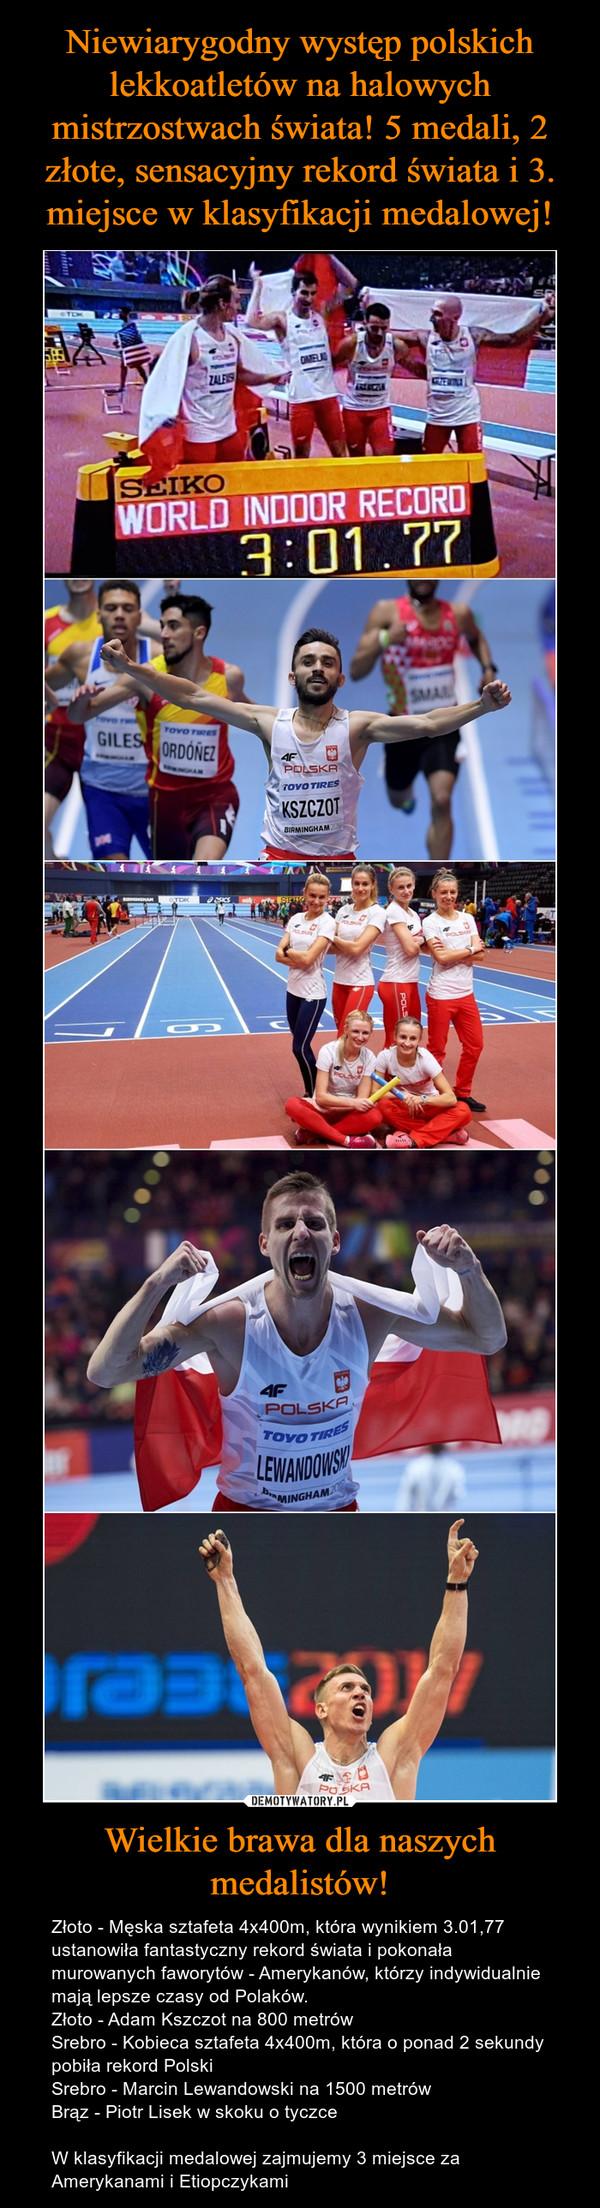 Wielkie brawa dla naszych medalistów! – Złoto - Męska sztafeta 4x400m, która wynikiem 3.01,77 ustanowiła fantastyczny rekord świata i pokonała murowanych faworytów - Amerykanów, którzy indywidualnie mają lepsze czasy od Polaków.Złoto - Adam Kszczot na 800 metrówSrebro - Kobieca sztafeta 4x400m, która o ponad 2 sekundy pobiła rekord PolskiSrebro - Marcin Lewandowski na 1500 metrówBrąz - Piotr Lisek w skoku o tyczceW klasyfikacji medalowej zajmujemy 3 miejsce za Amerykanami i Etiopczykami